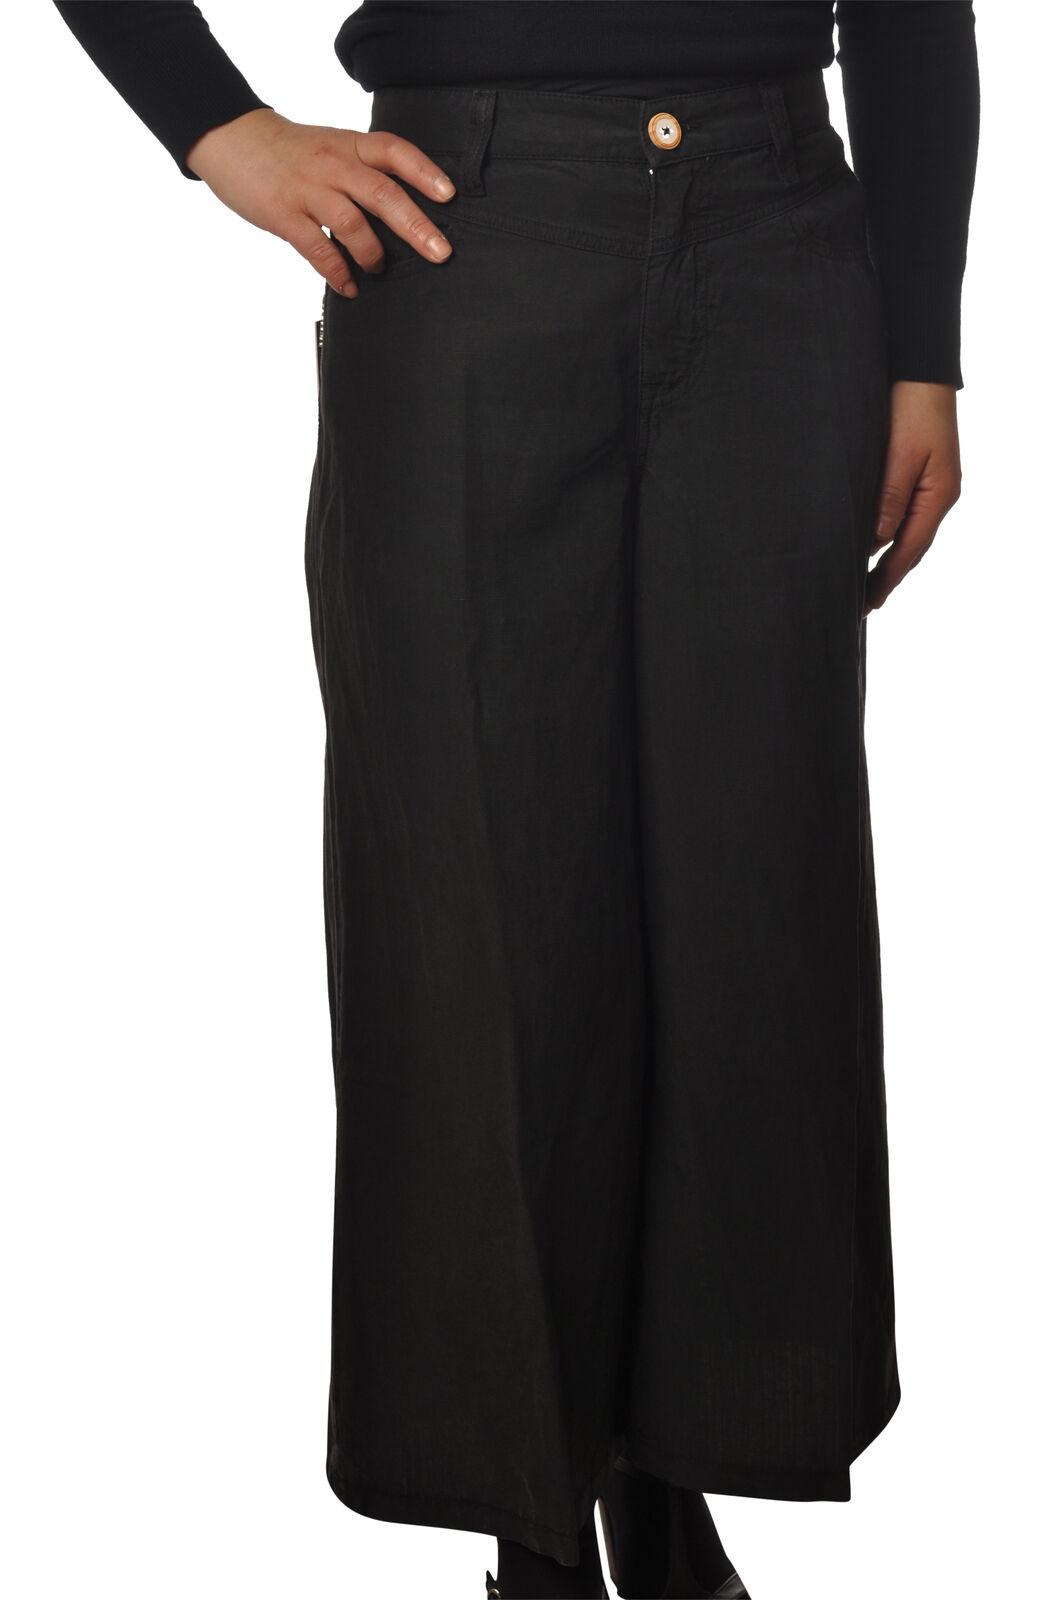 Latinò-Pants-Pantalones-Mujer - Negro  - 6249006E192024  Entrega rápida y envío gratis en todos los pedidos.